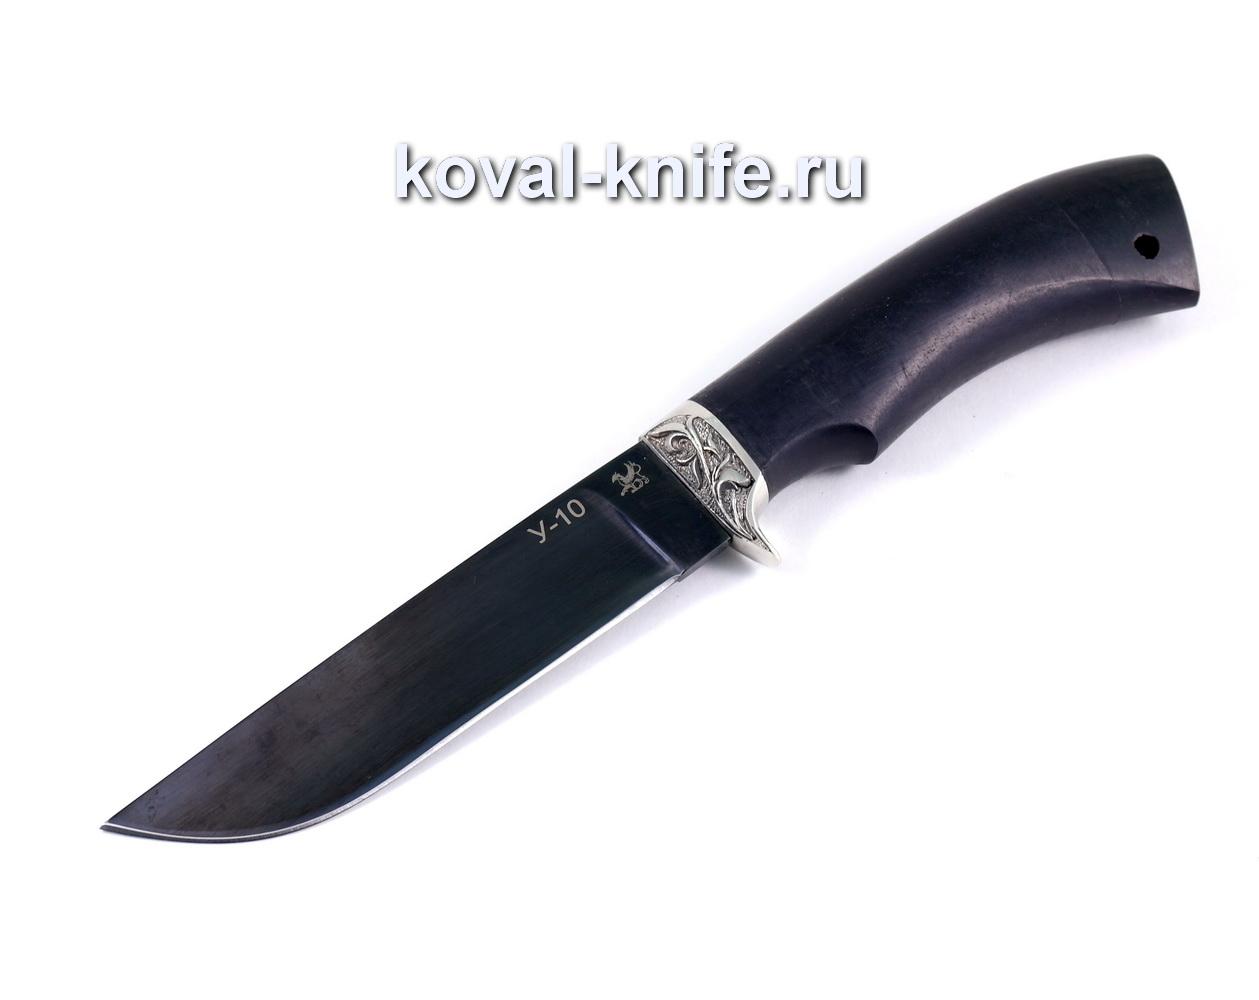 Нож Белка, сталь У10, граб A001